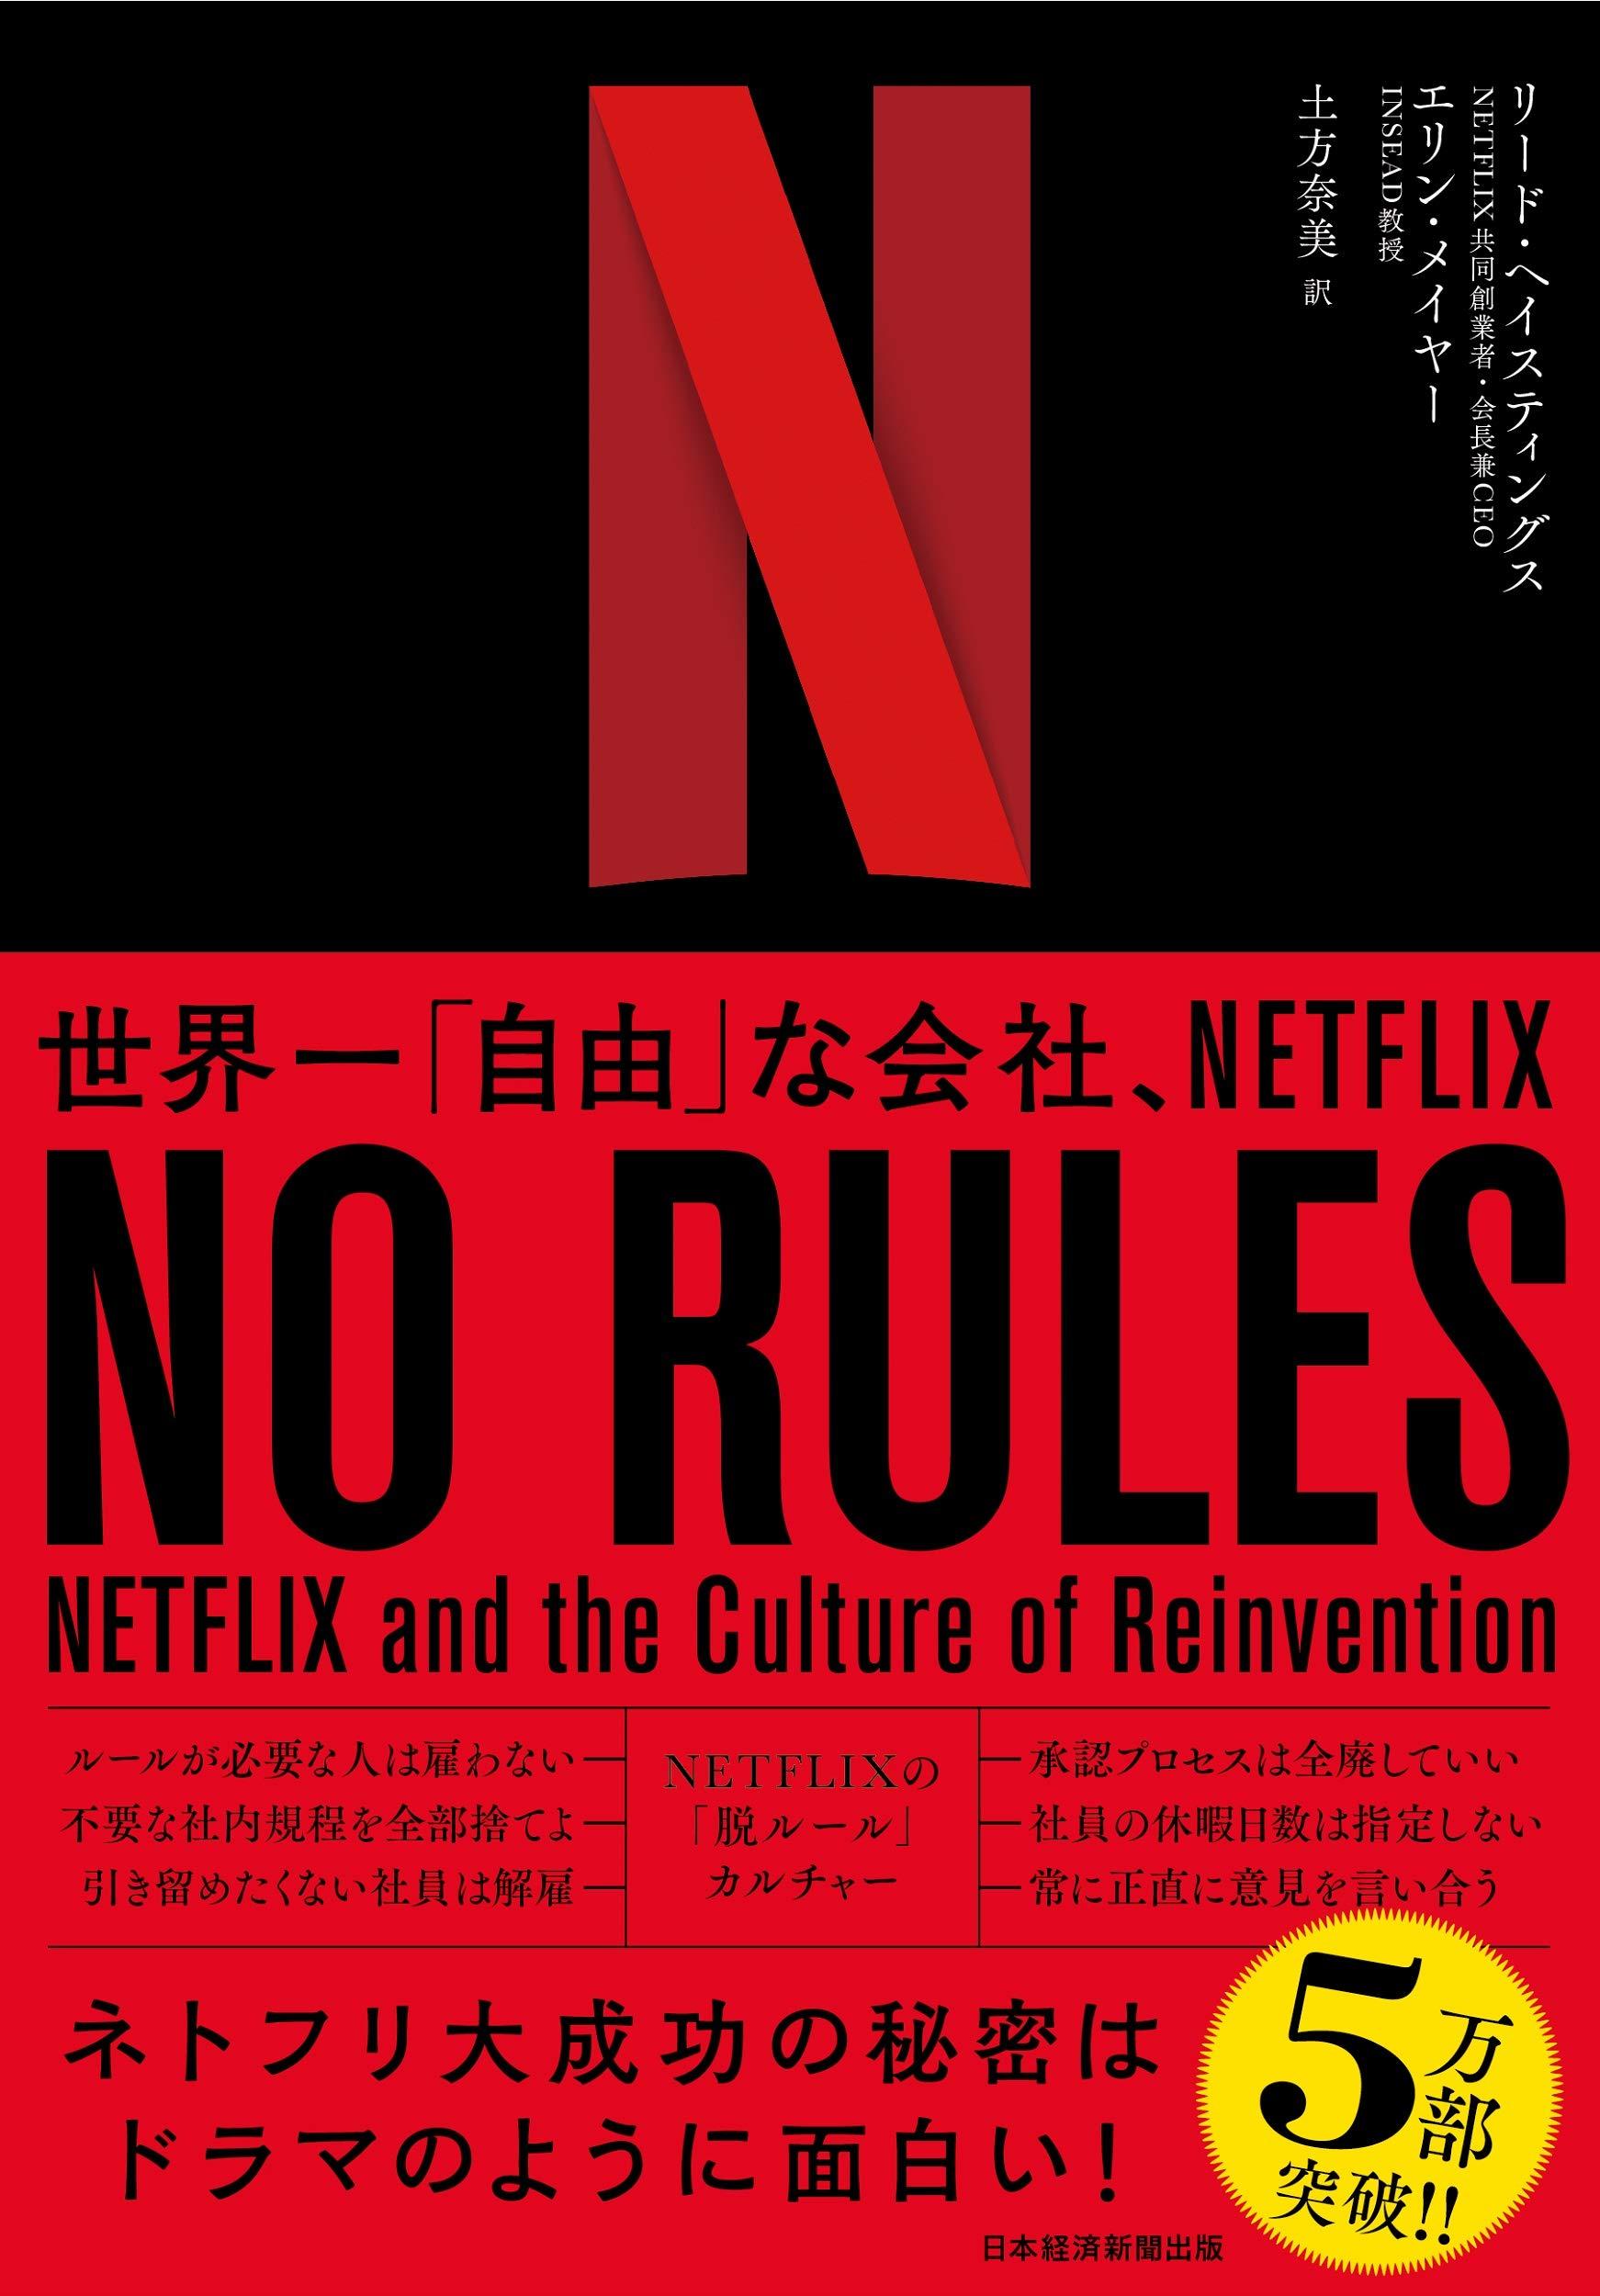 ネット フリックス 日本 語